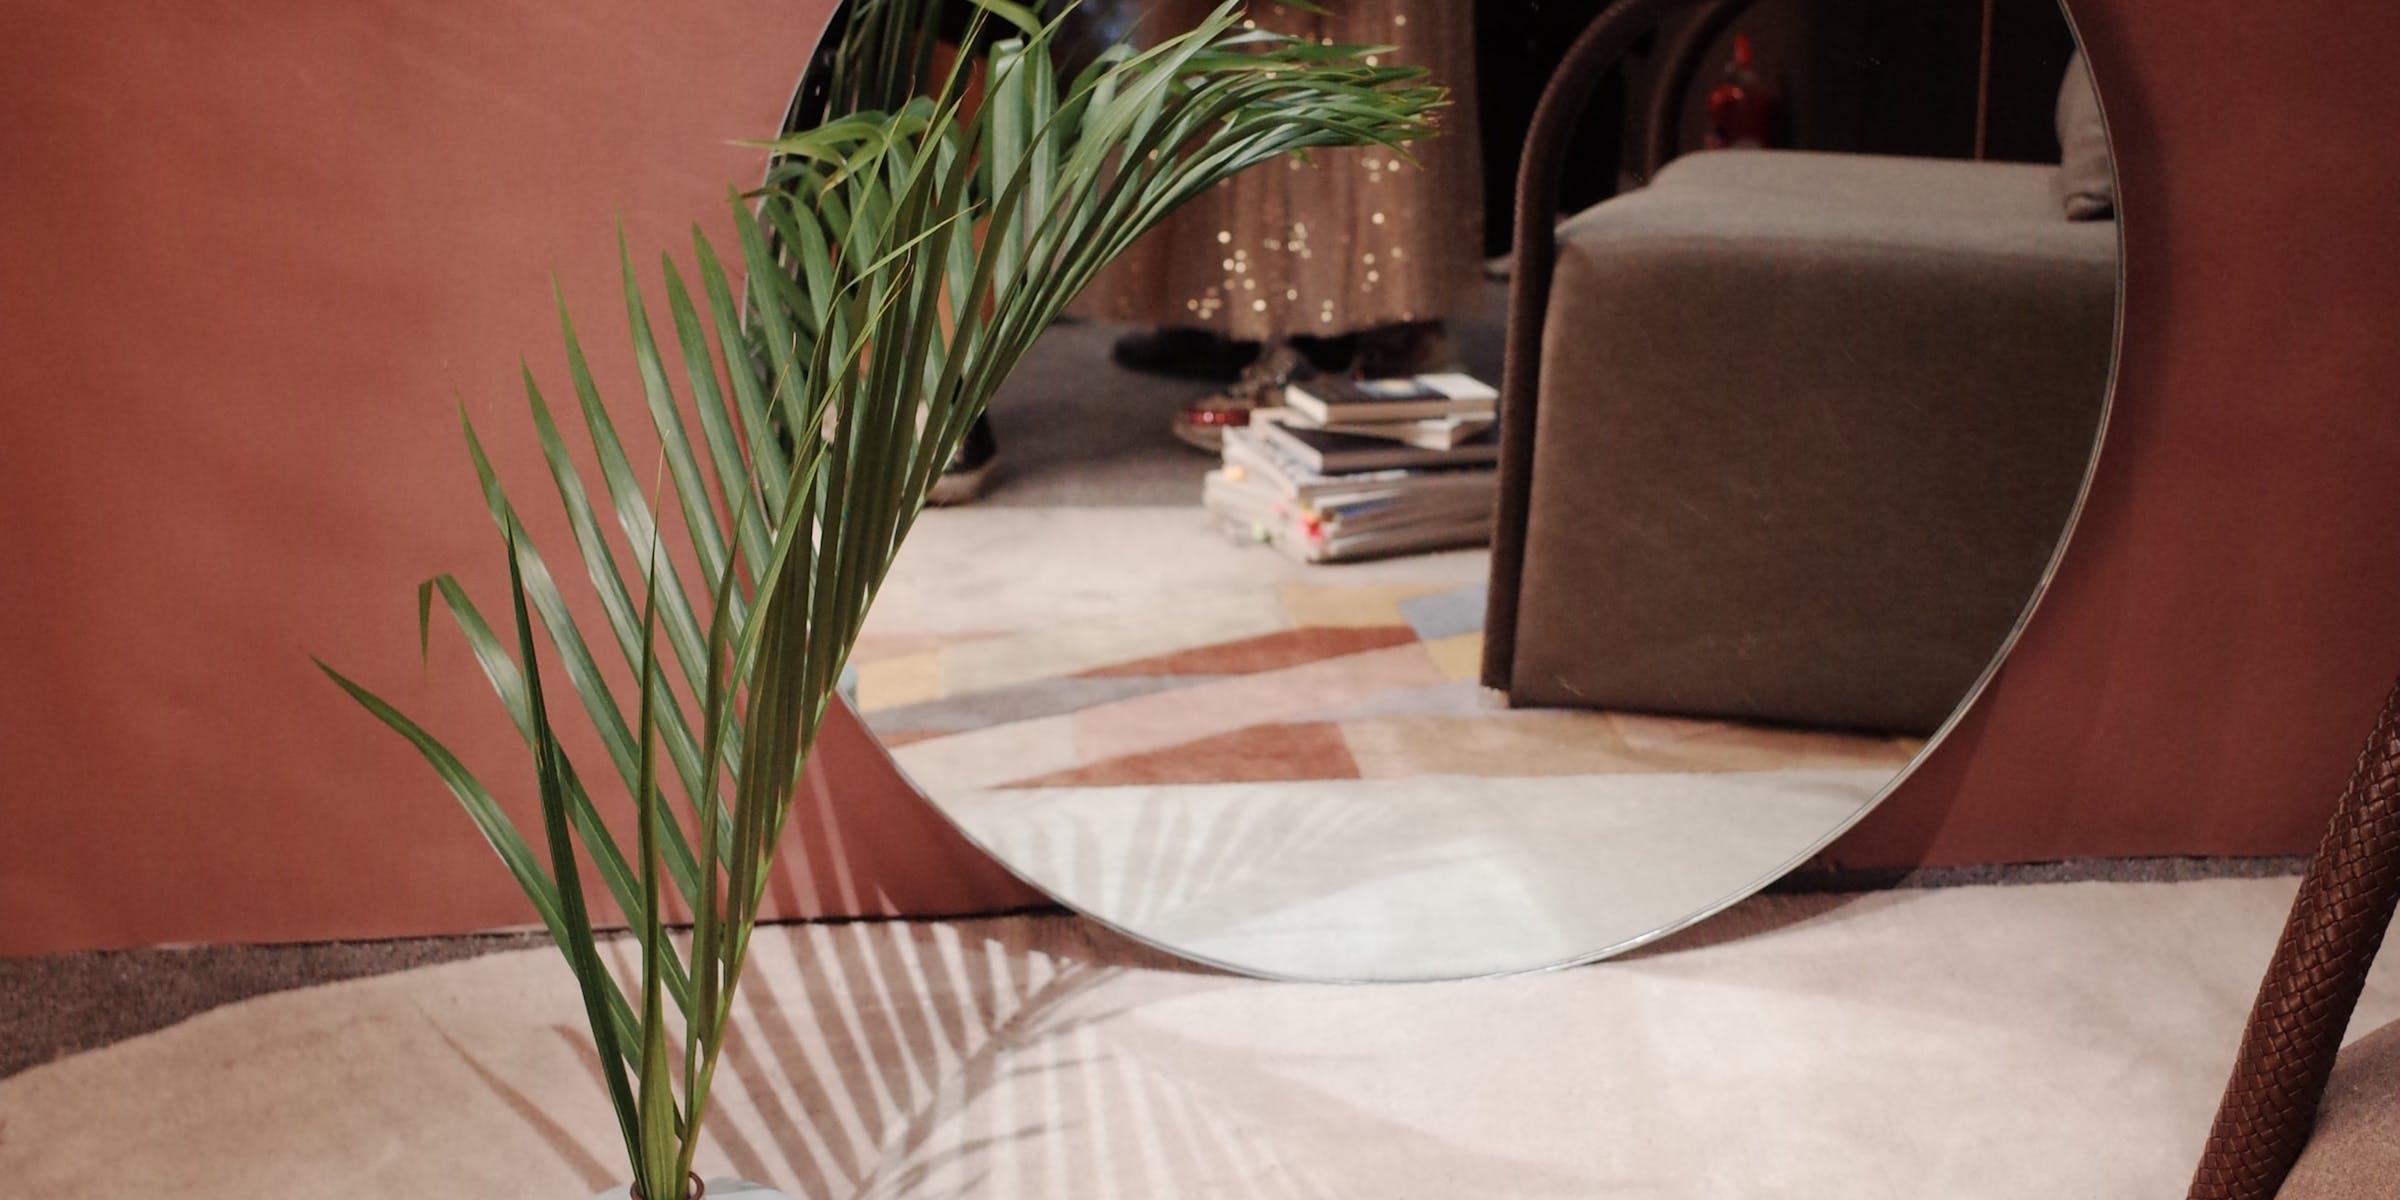 Некачественную еда в ресторане?